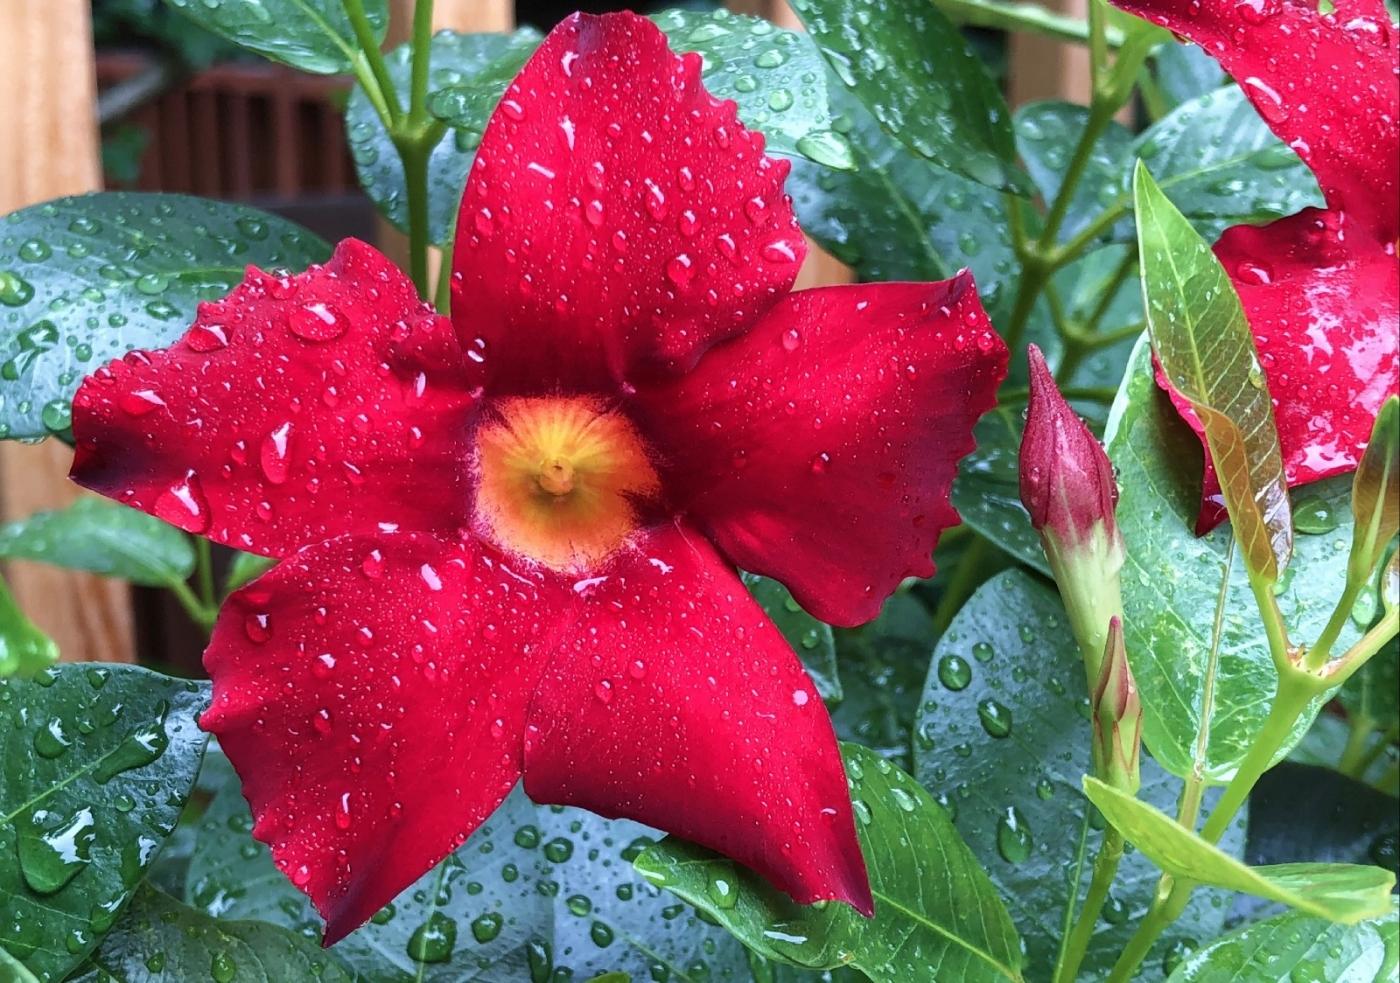 【田螺随拍】我今年种的蜂鸟喜欢吃的花都开了_图1-3